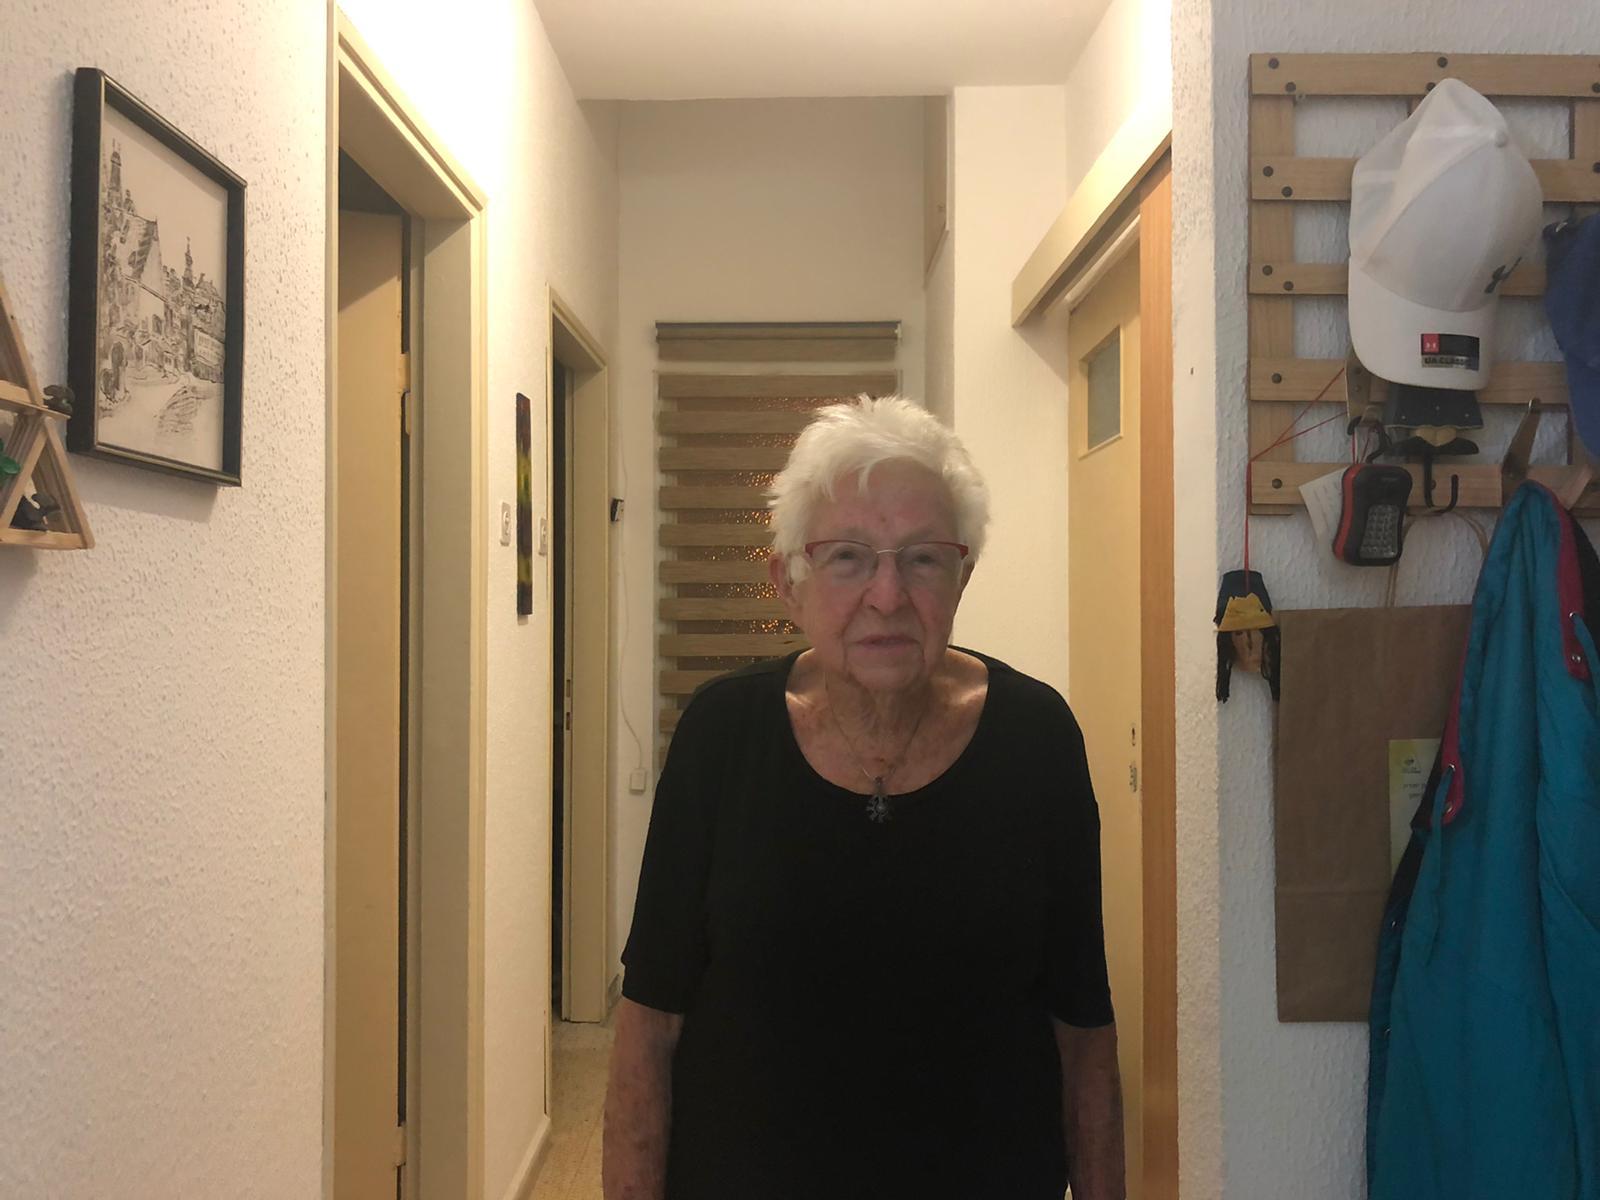 נלי פרזמה בביתה. צילום פרטי